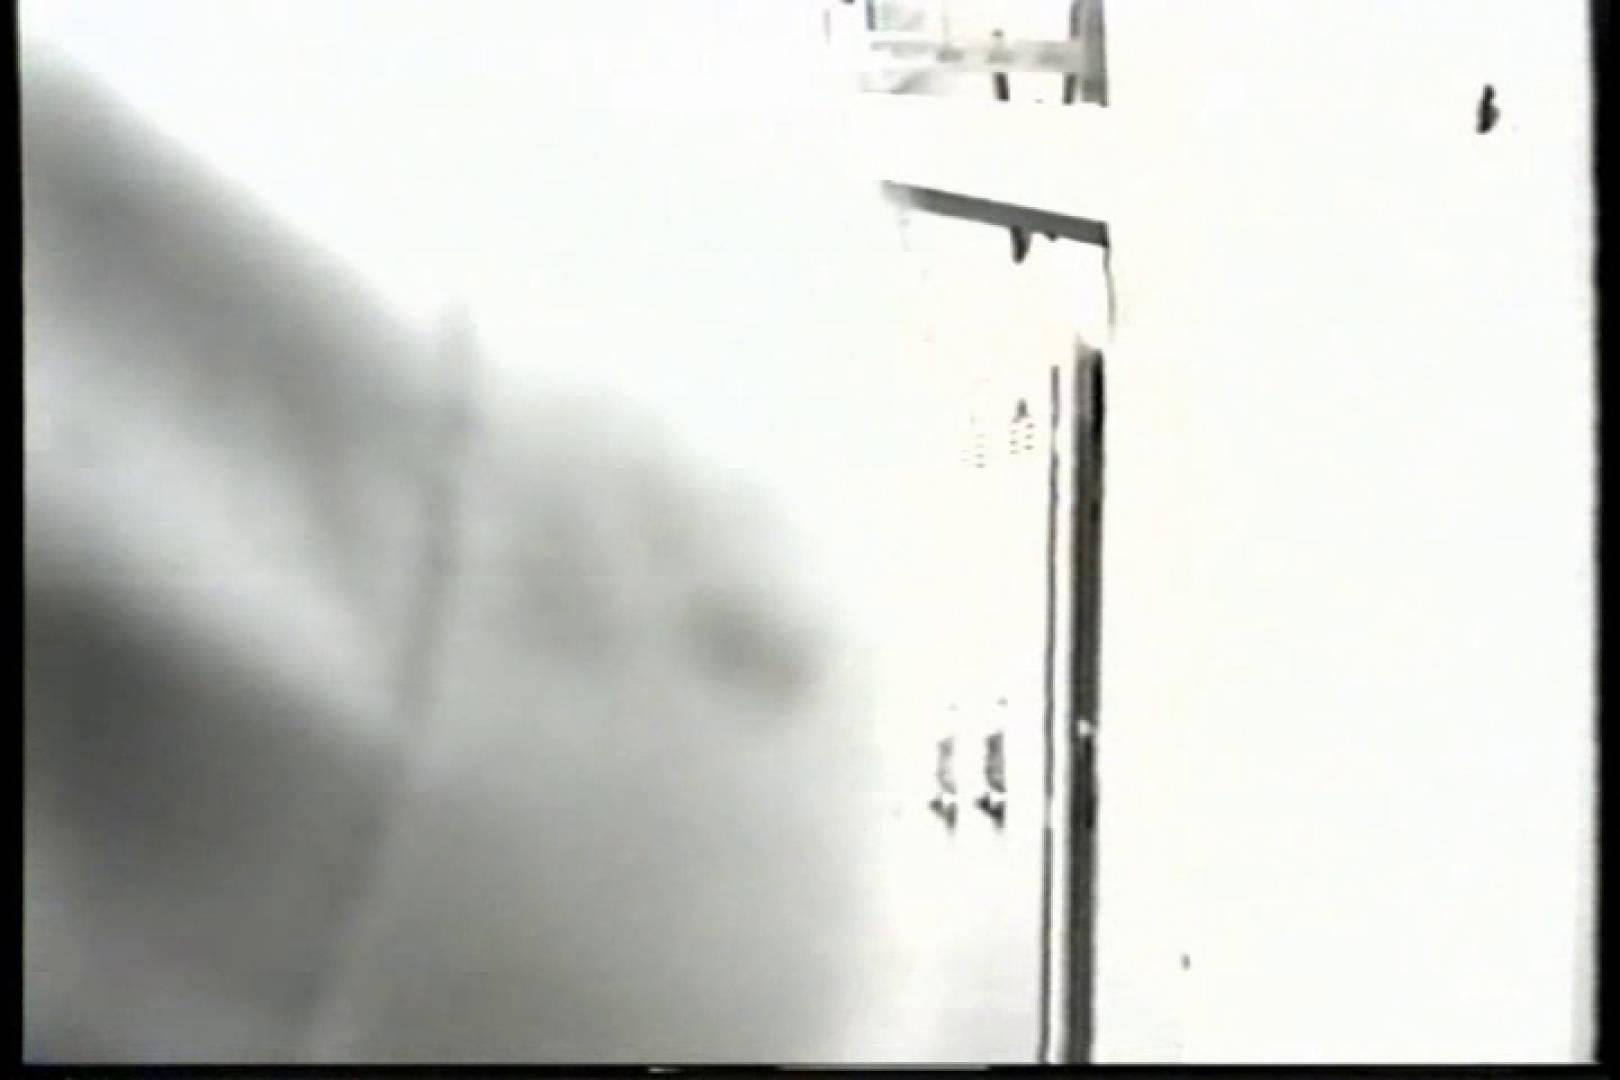 無修正セックス盗撮:洋人さんの脱衣所を覗いてみました。VOL.4:ミサイルゲイボーイ